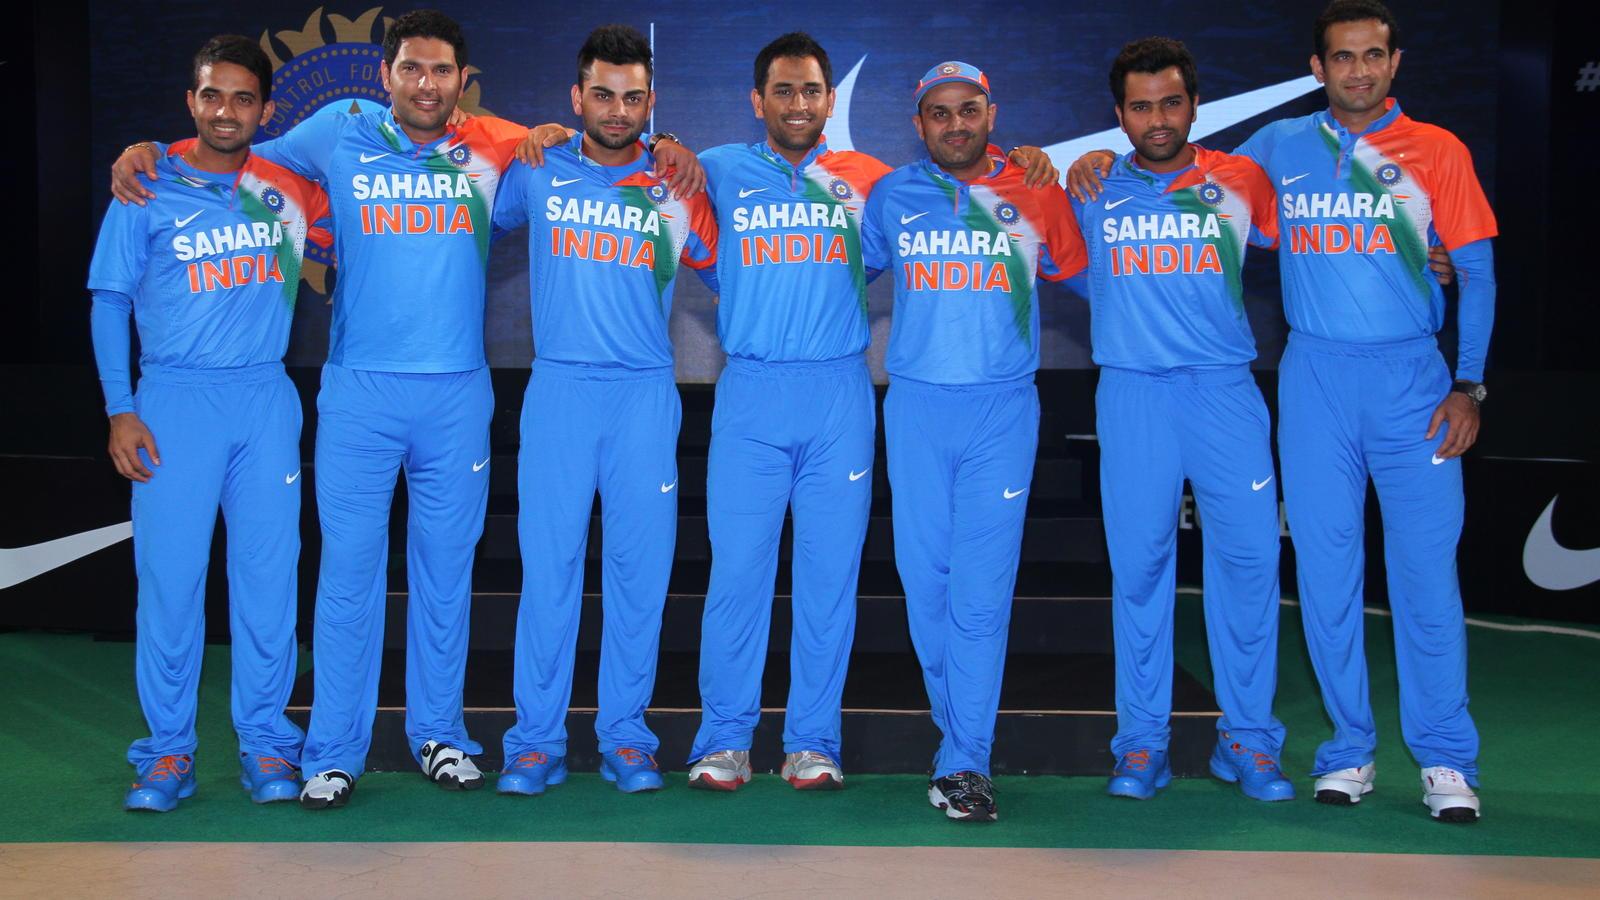 भारतीय क्रिकेट टीम ने इस तिरंगे वाली जर्सी में कभी नहीं खेला कोई अंतर्राष्ट्रीय मैच, जानिये पूरा सच